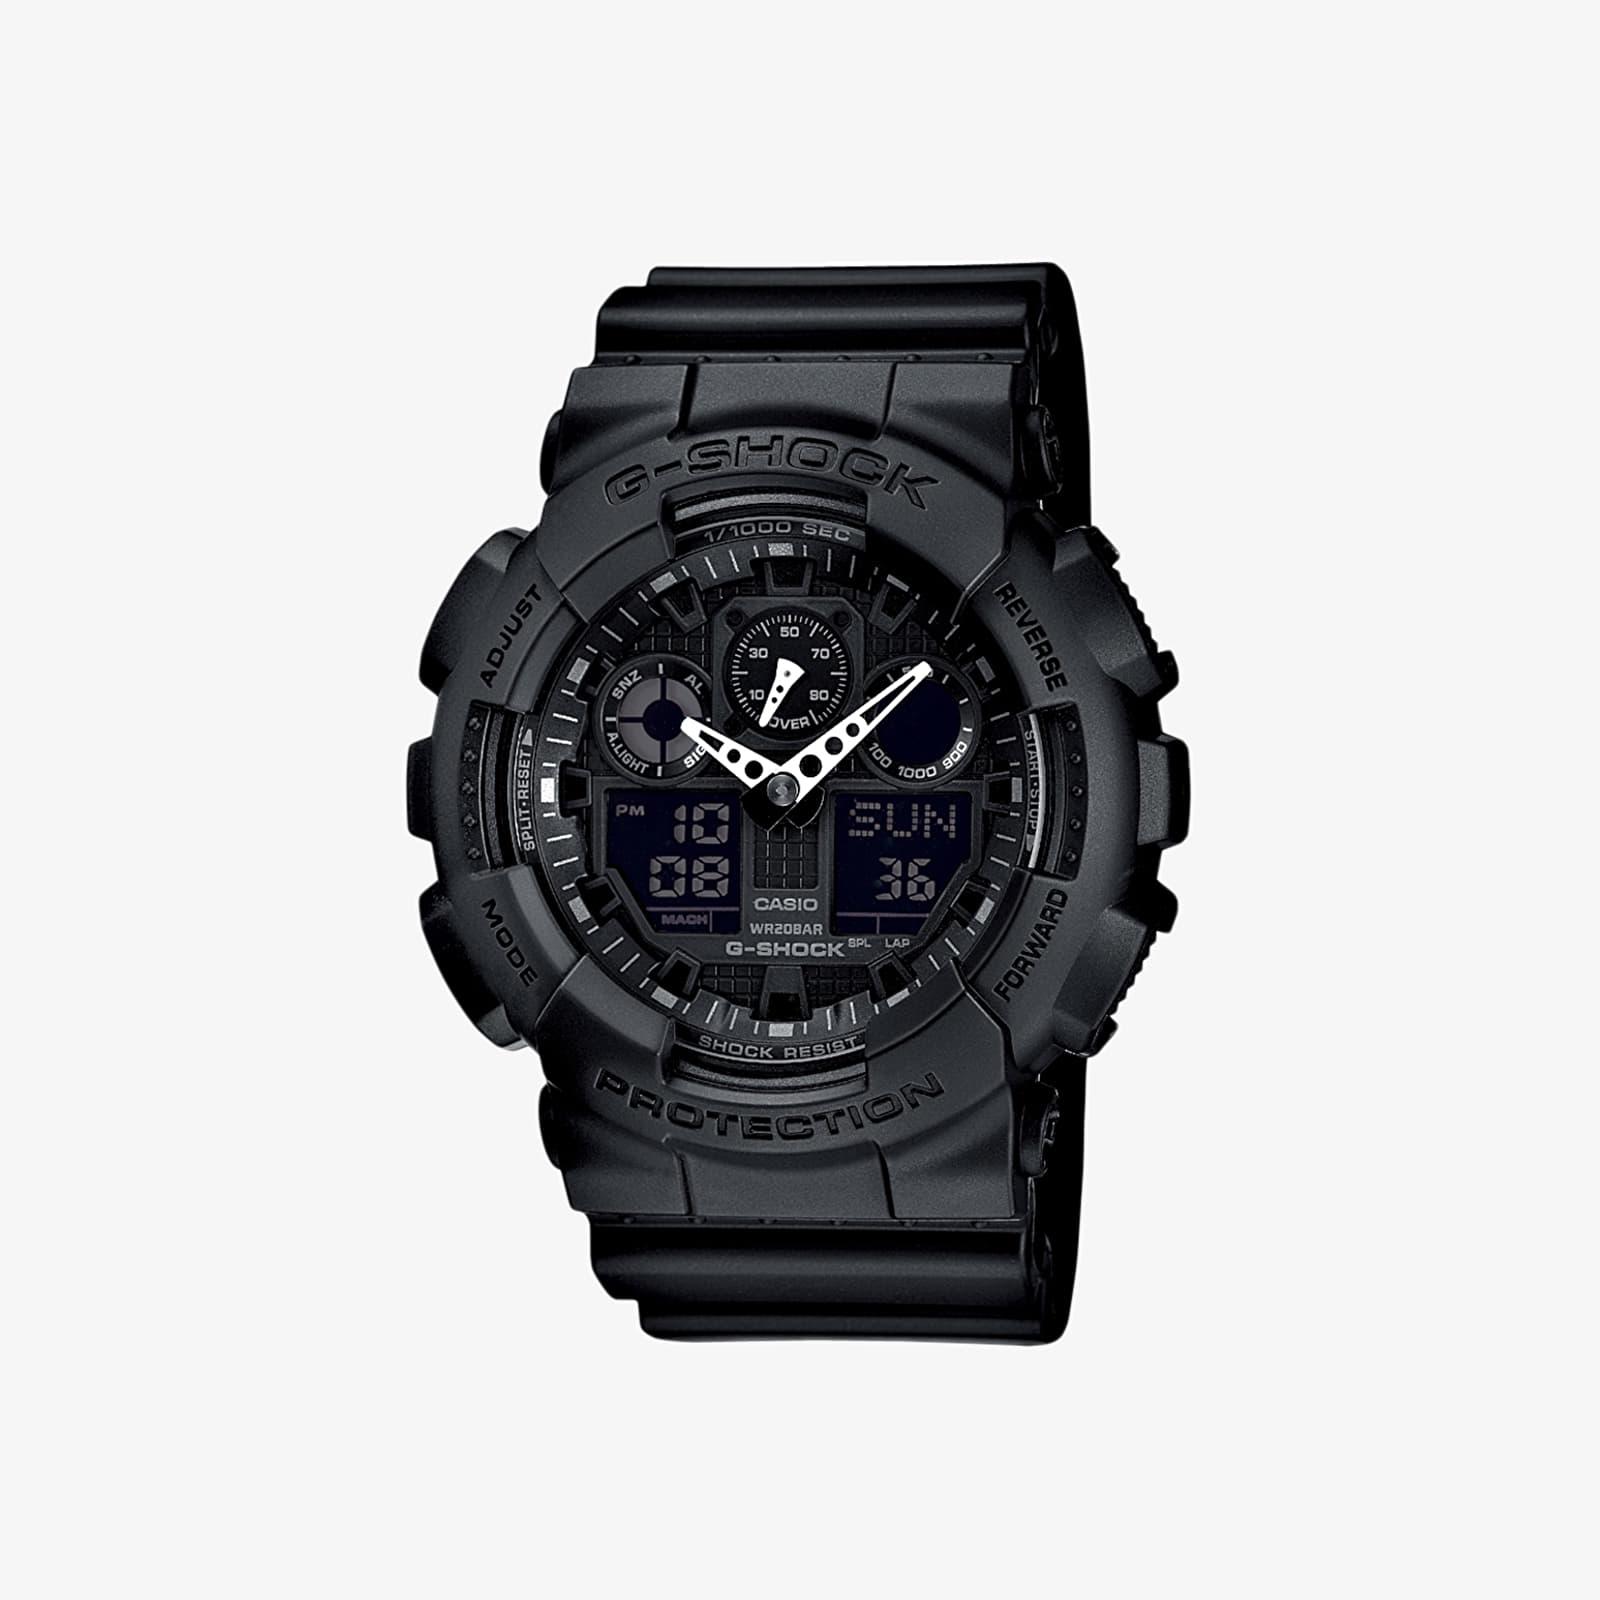 Casio GA-100-1A1ER Black Universal